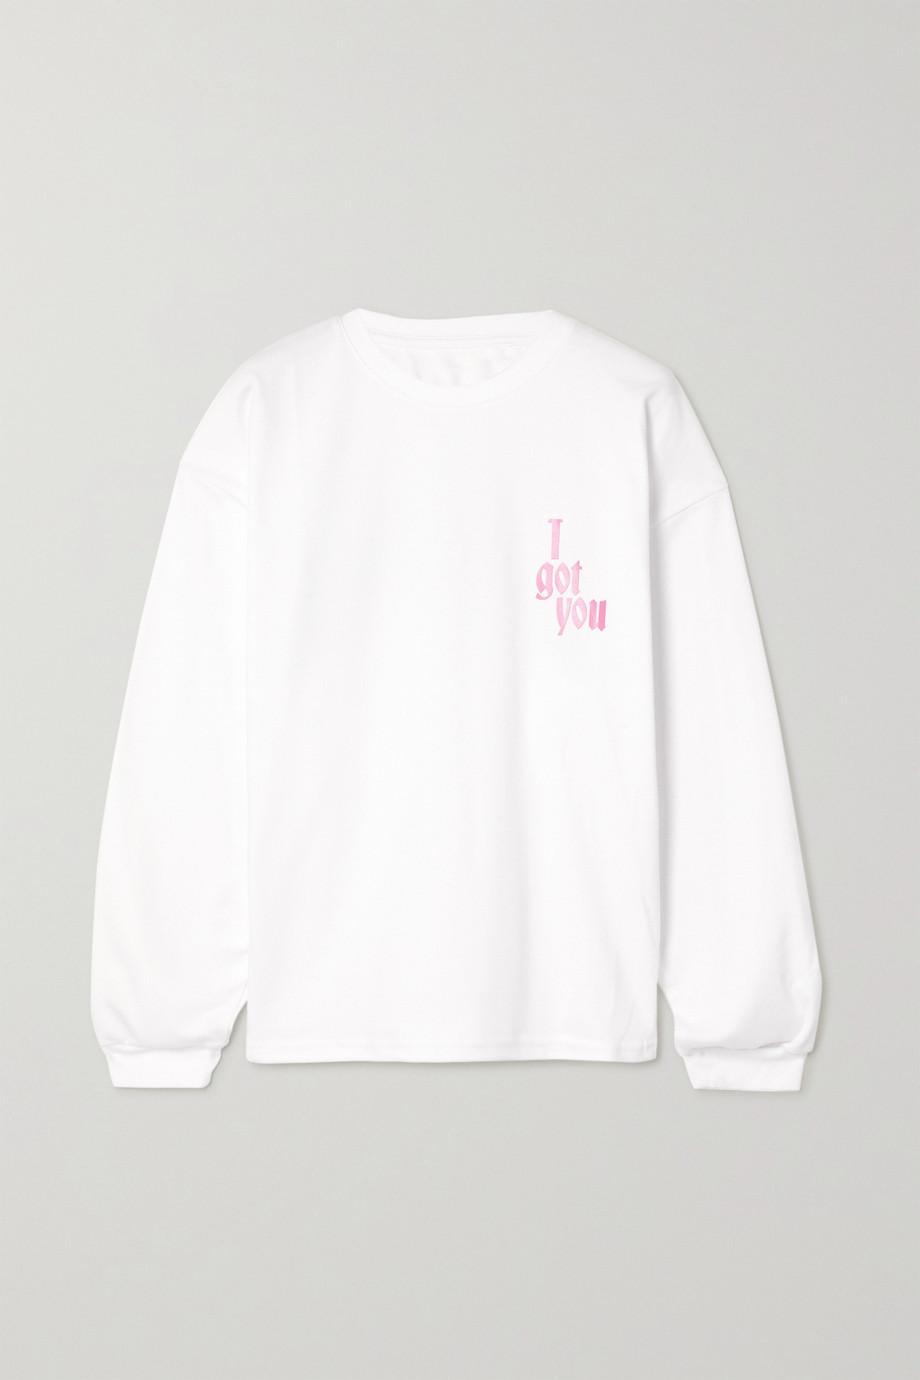 Amina Muaddi International Women's Day printed cotton-jersey top